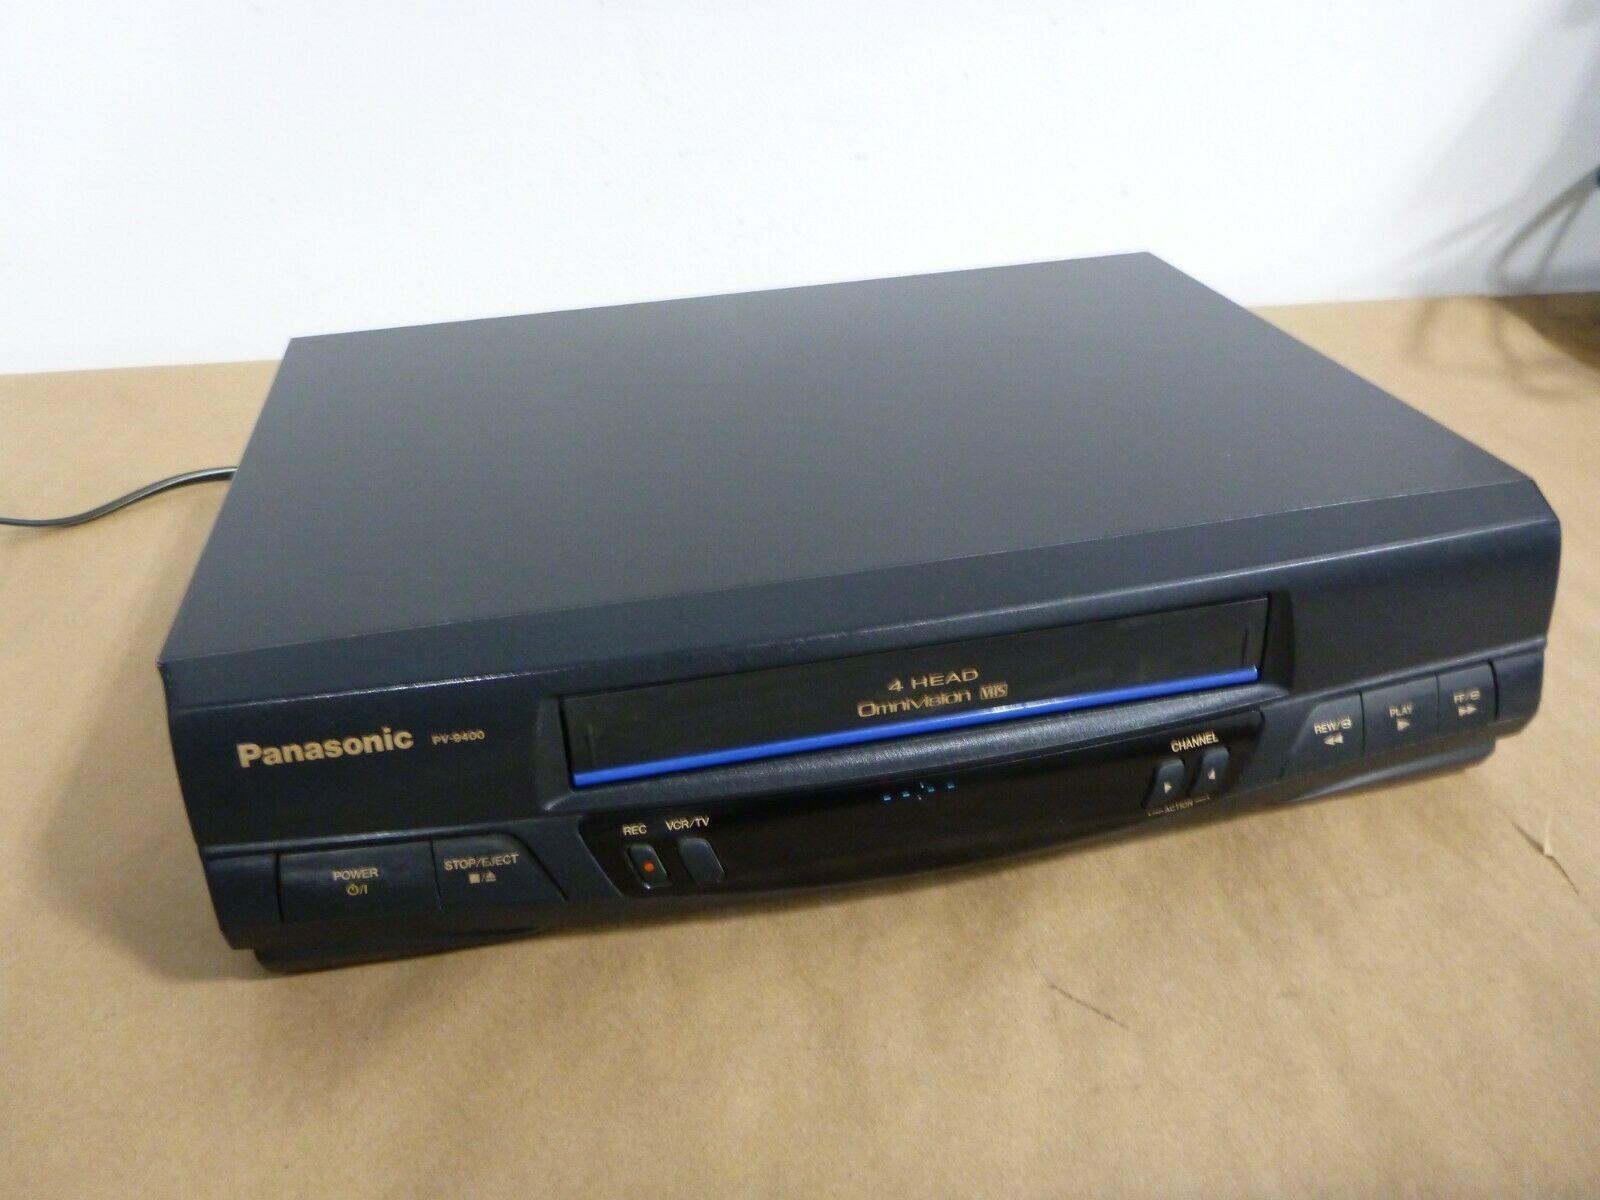 Panasonic Vcr Vhs Player Pv 9400 4 Head Hi Fi Vcr Video Cassette Recorder Vcr Vhs Hi8 Vcr Player Vcr Tapes Hifi